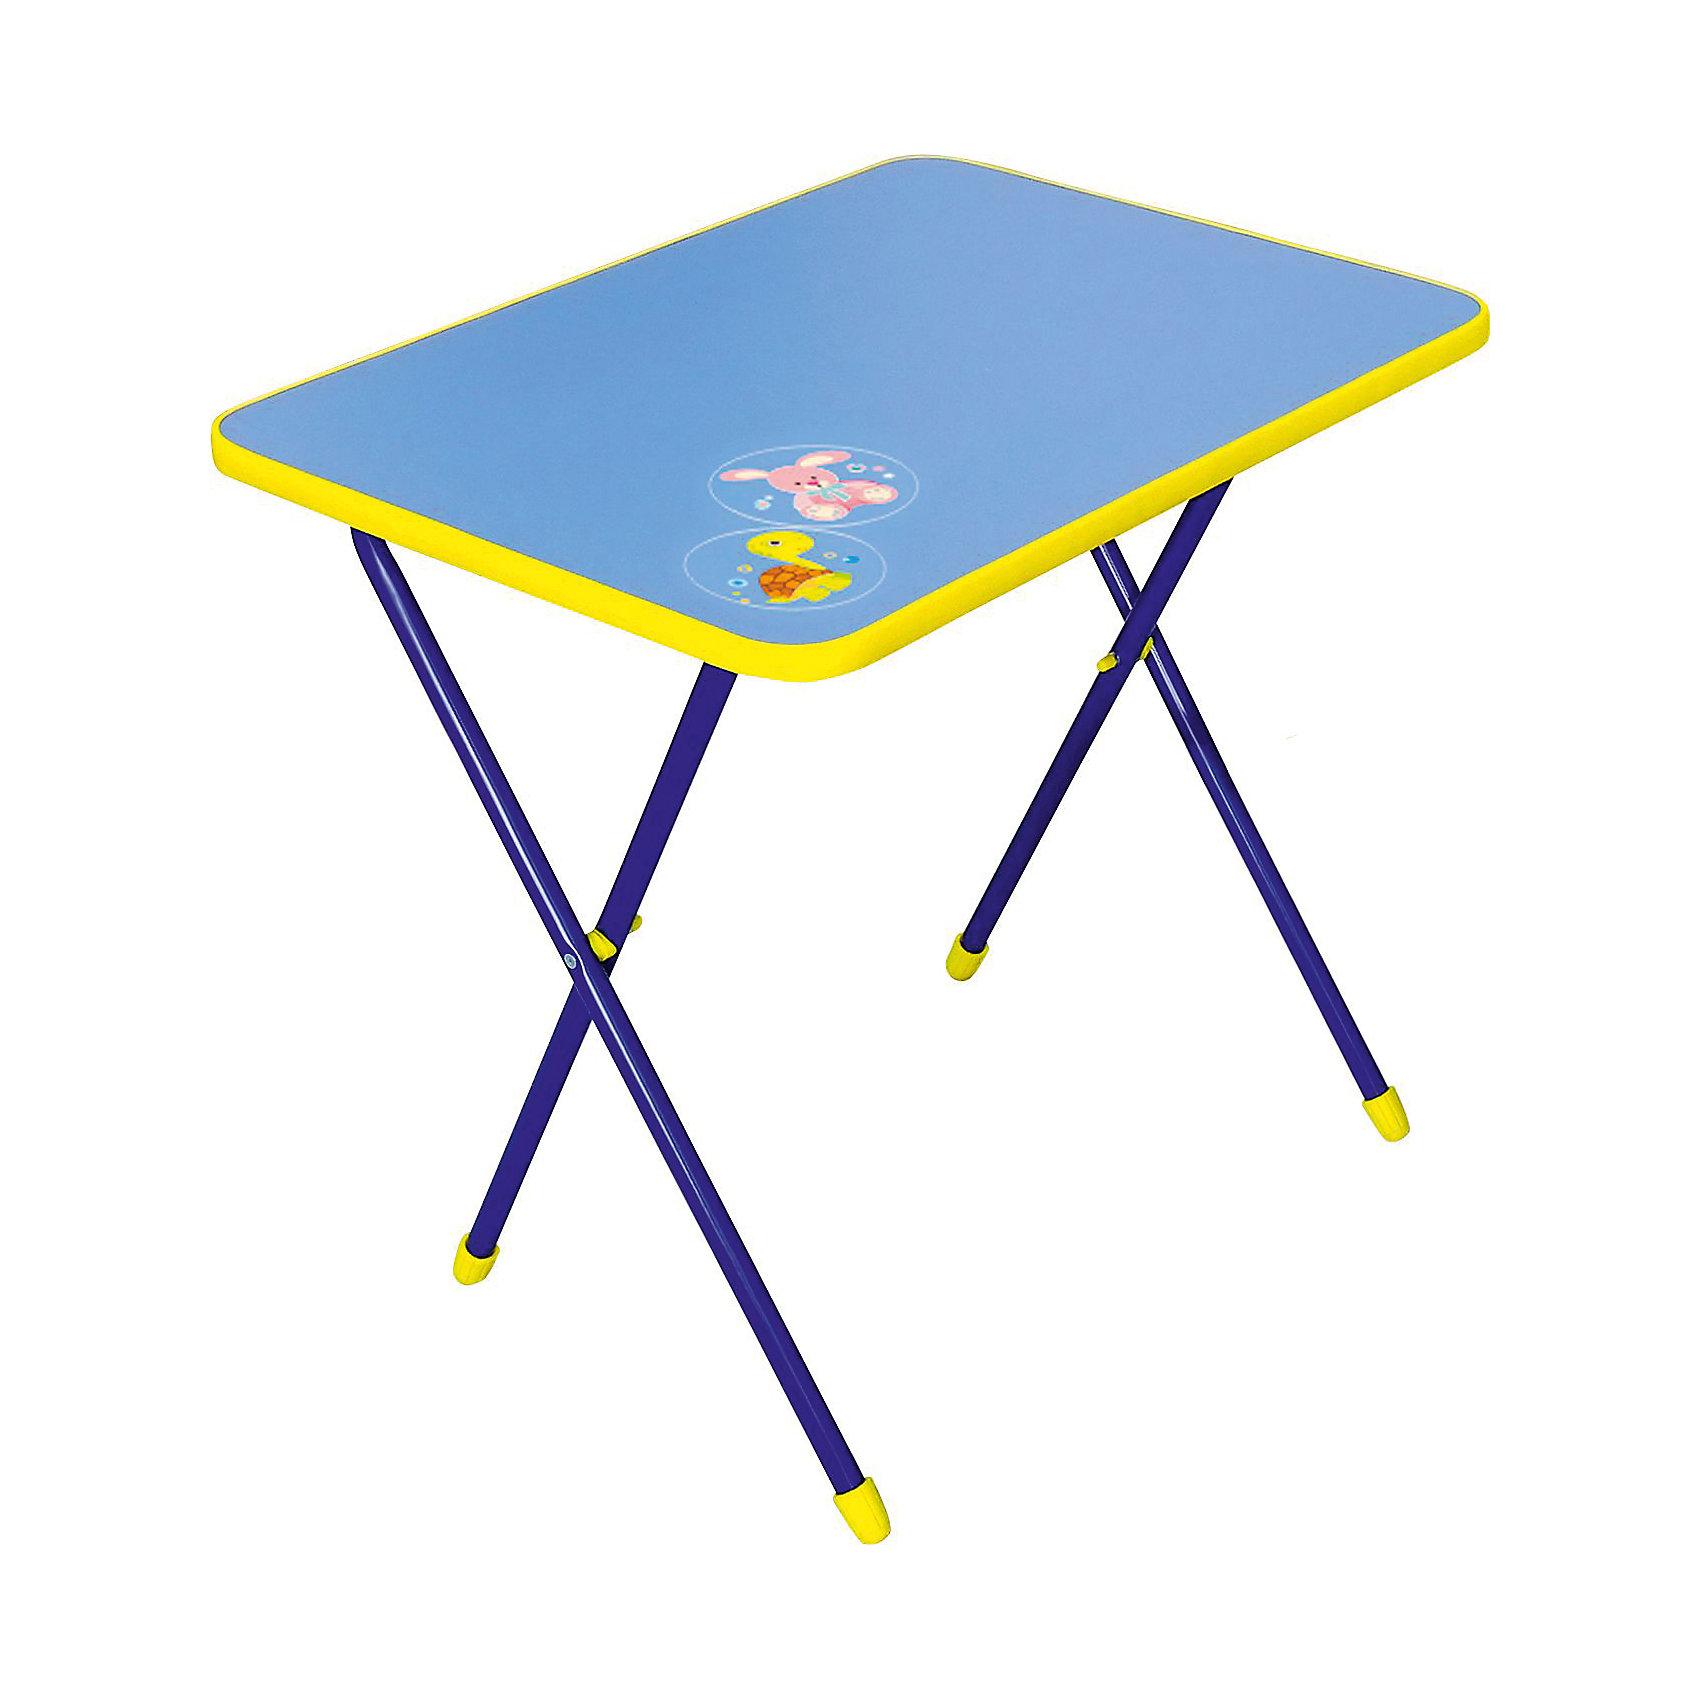 Ника Складной стол СА1. Алина, Ника, синий ника складной стол са1 алина ника синий